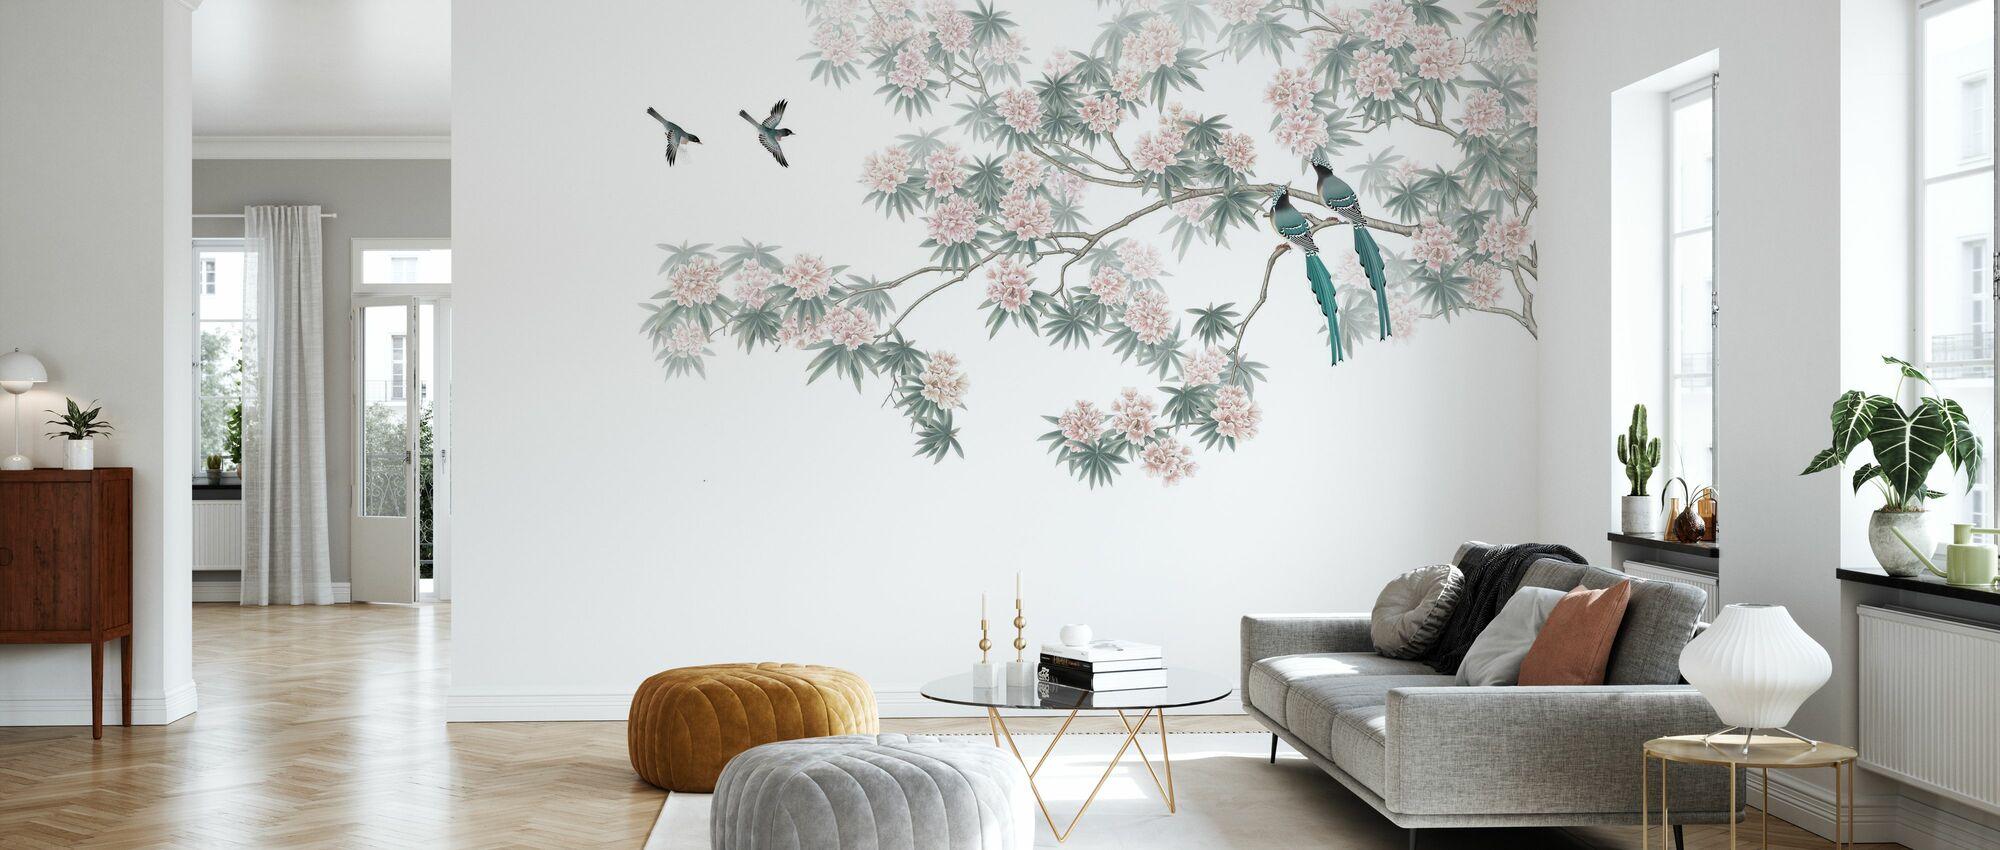 Bird Branch - Wallpaper - Living Room